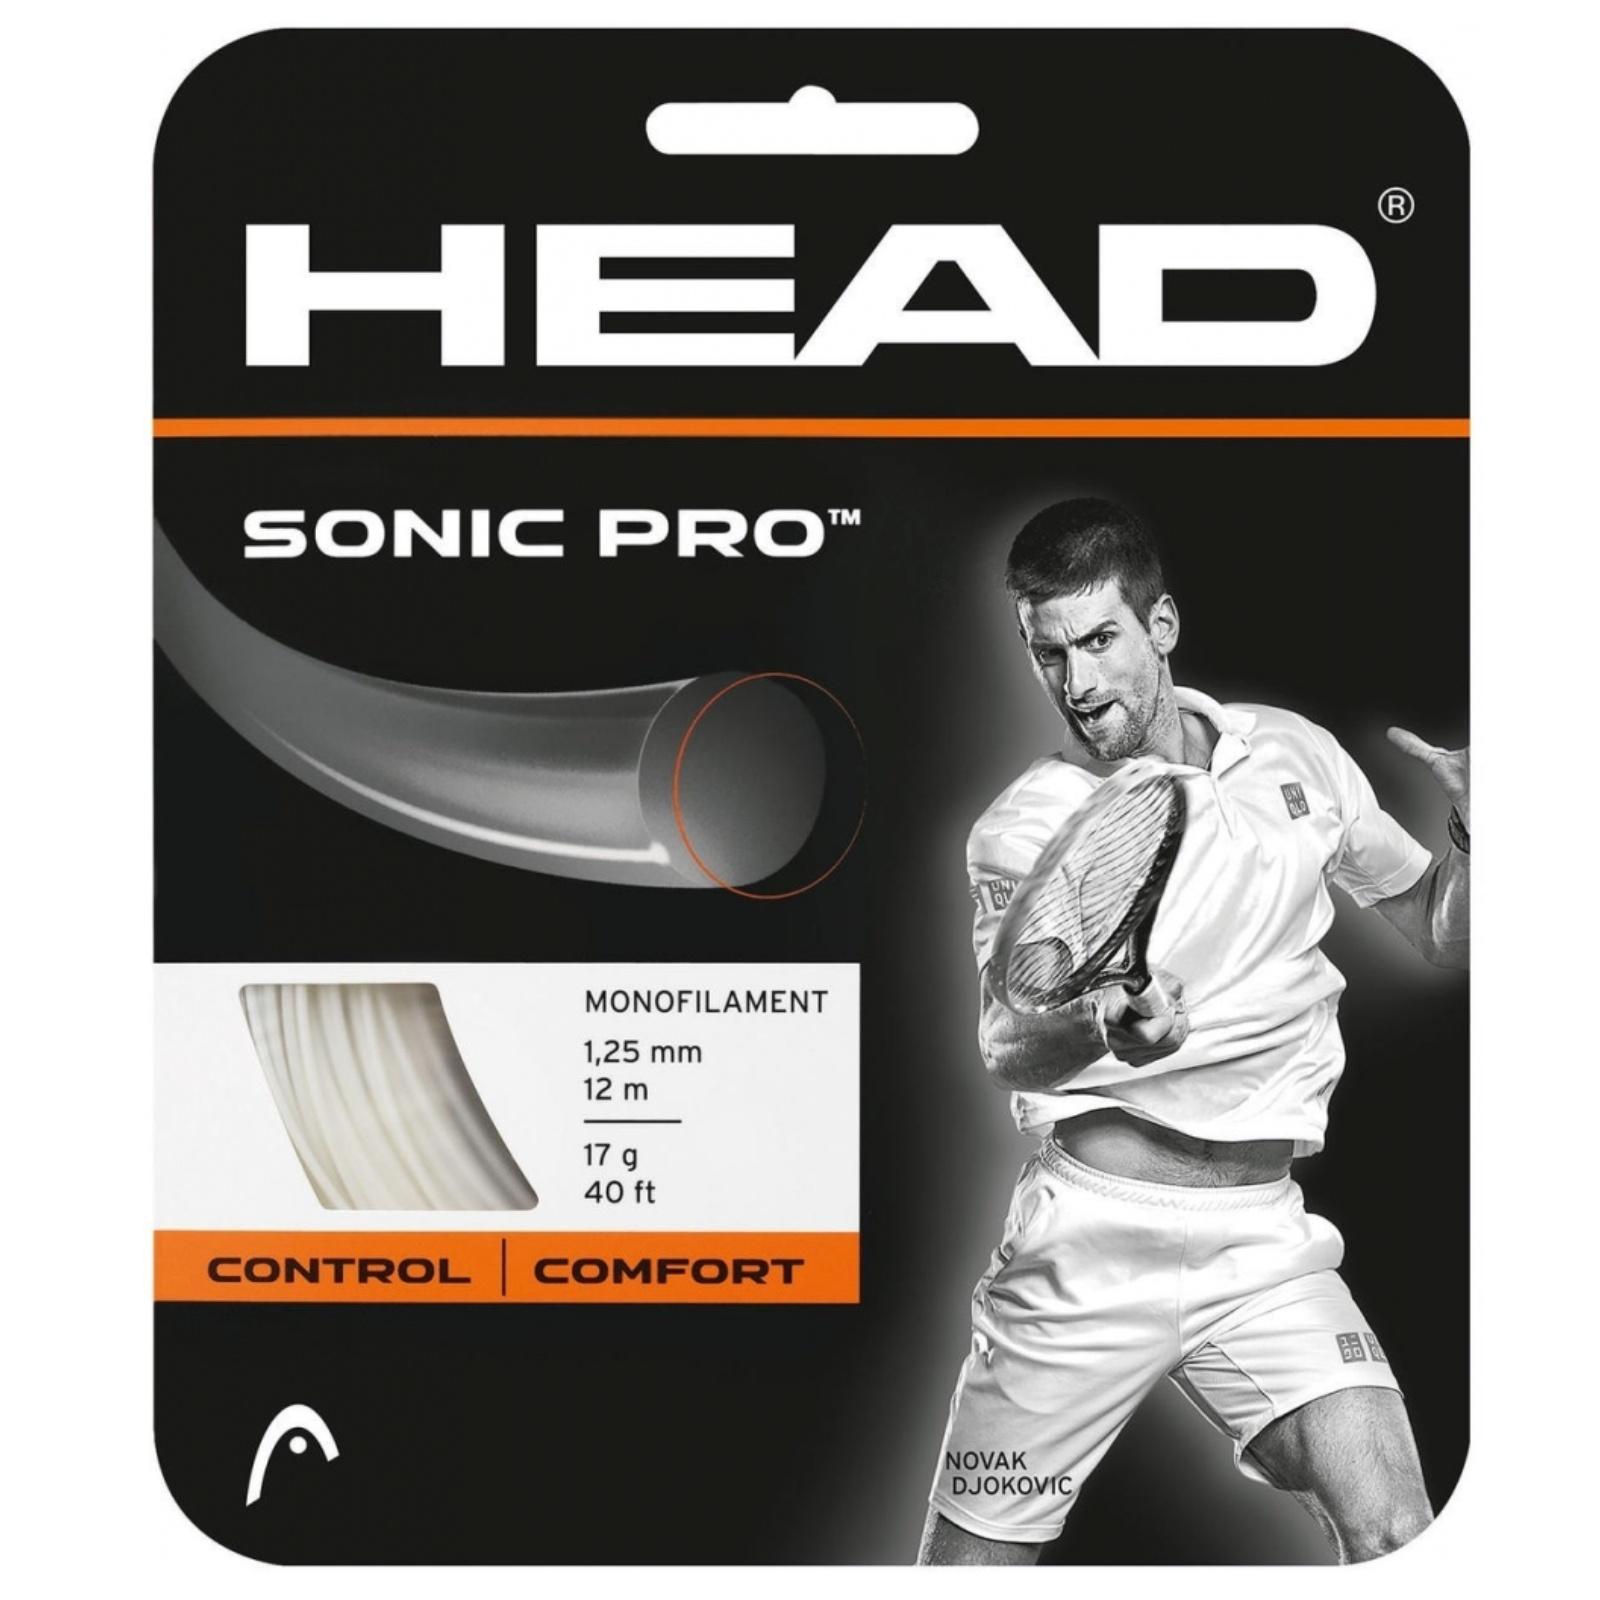 Tenisový výplet HEAD Sonic Pro 17g 1.25 mm bílý